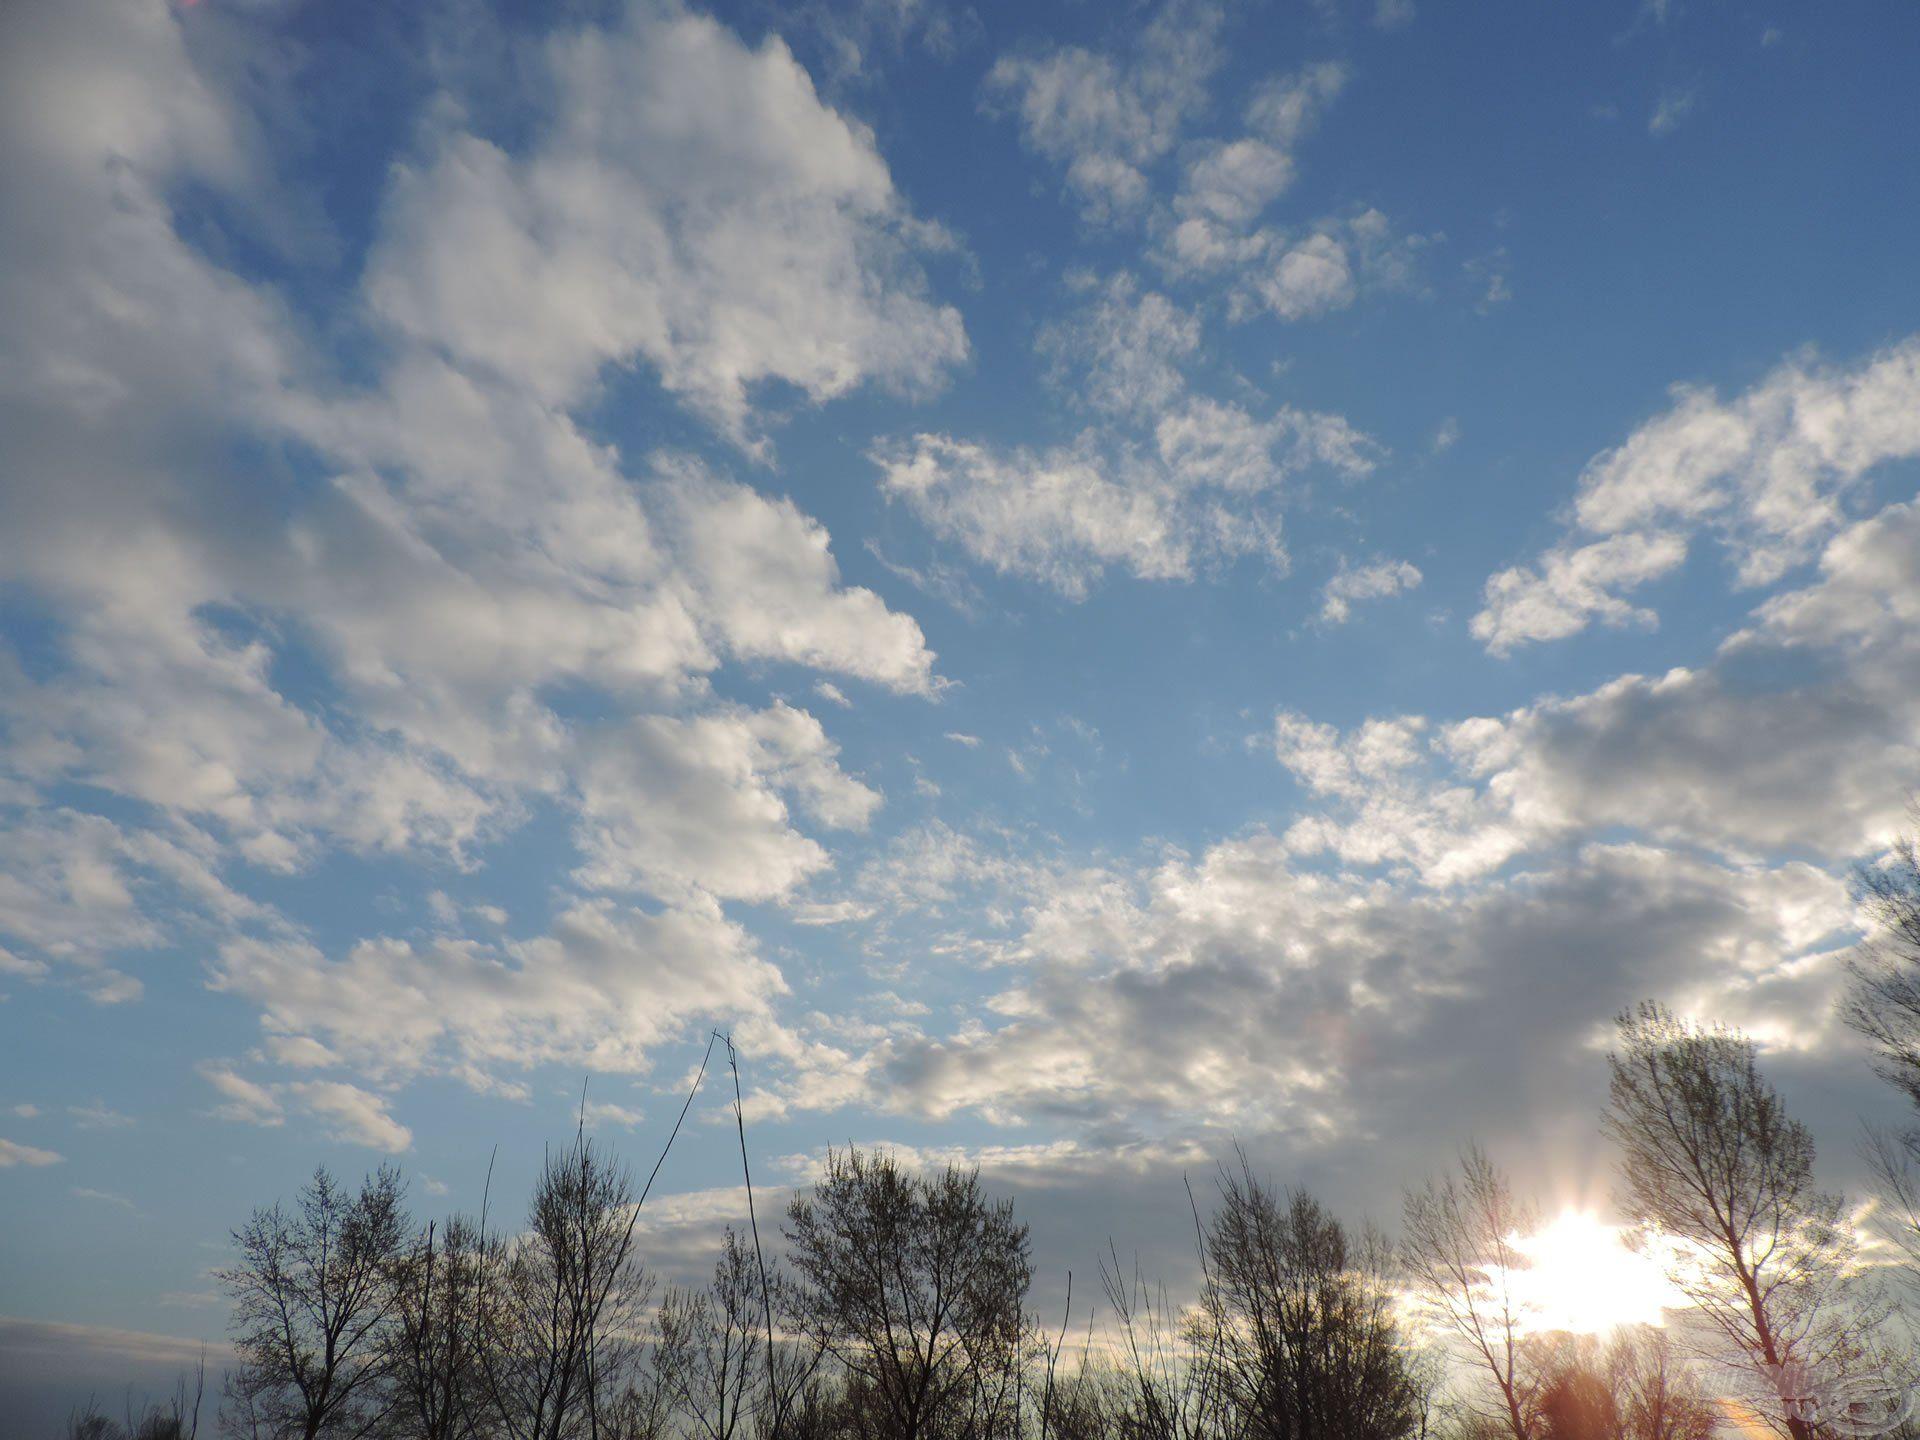 Kora reggel a nap még szépen bujkált elő a bárányfelhők közül…